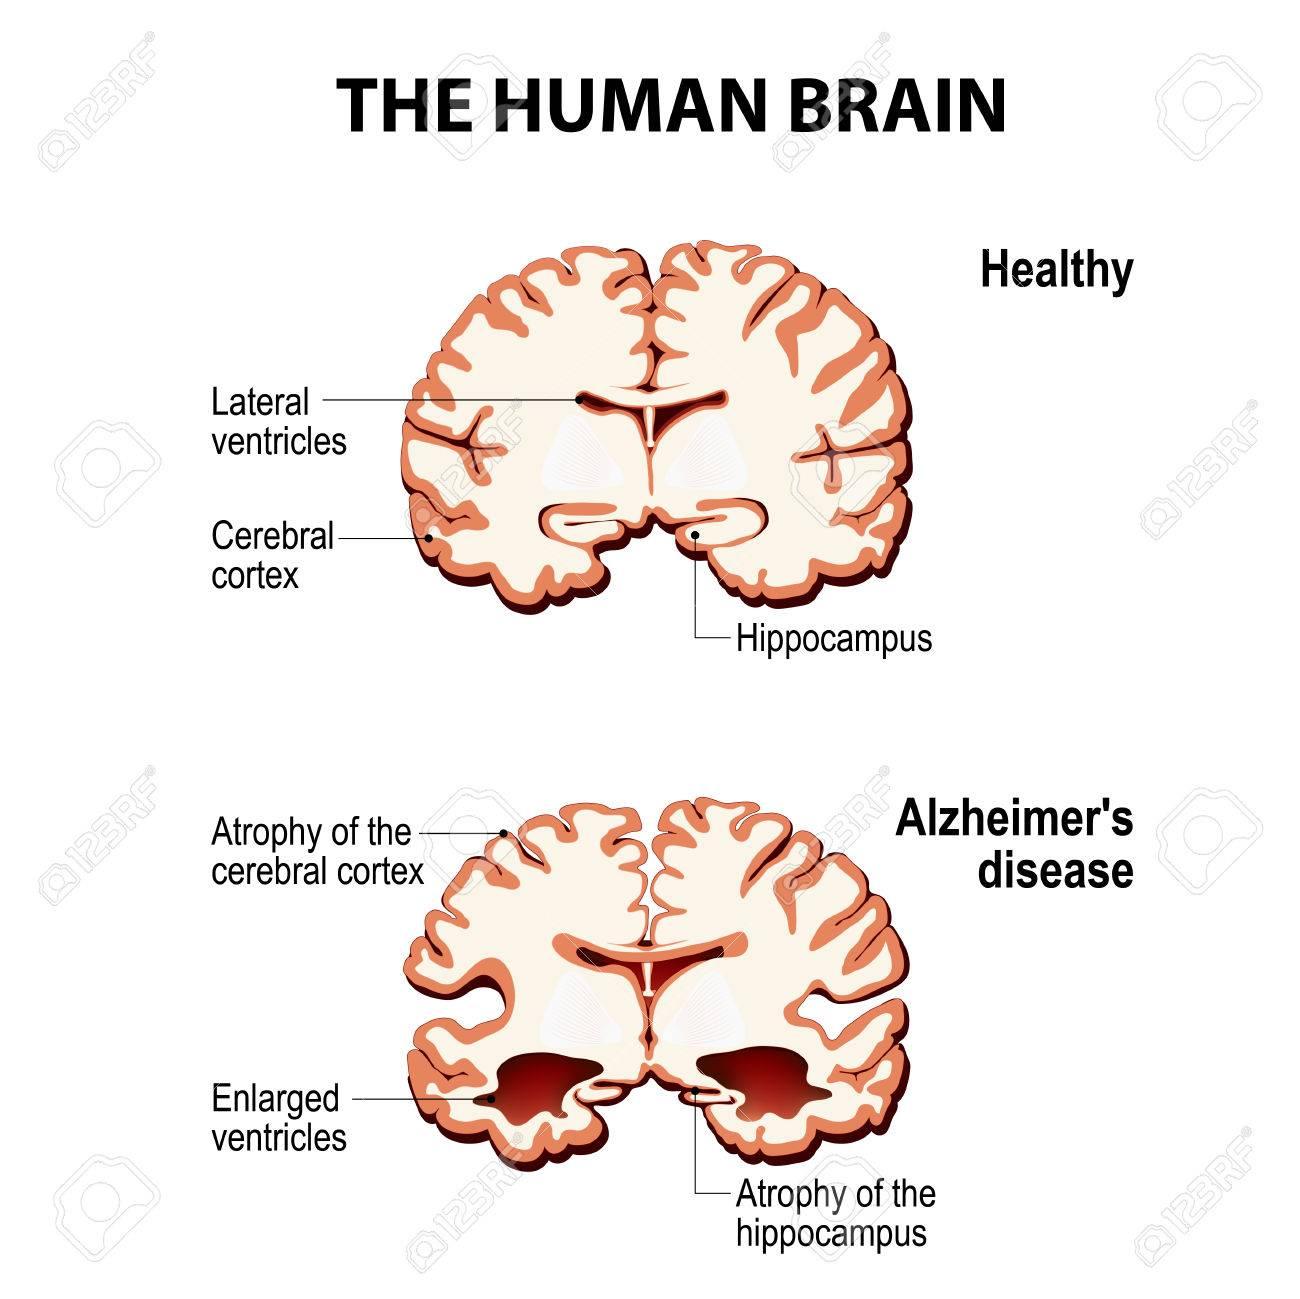 Das Menschliche Gehirn. Kreuzung. Gesund Und Gehirn Mit Alzheimer ...